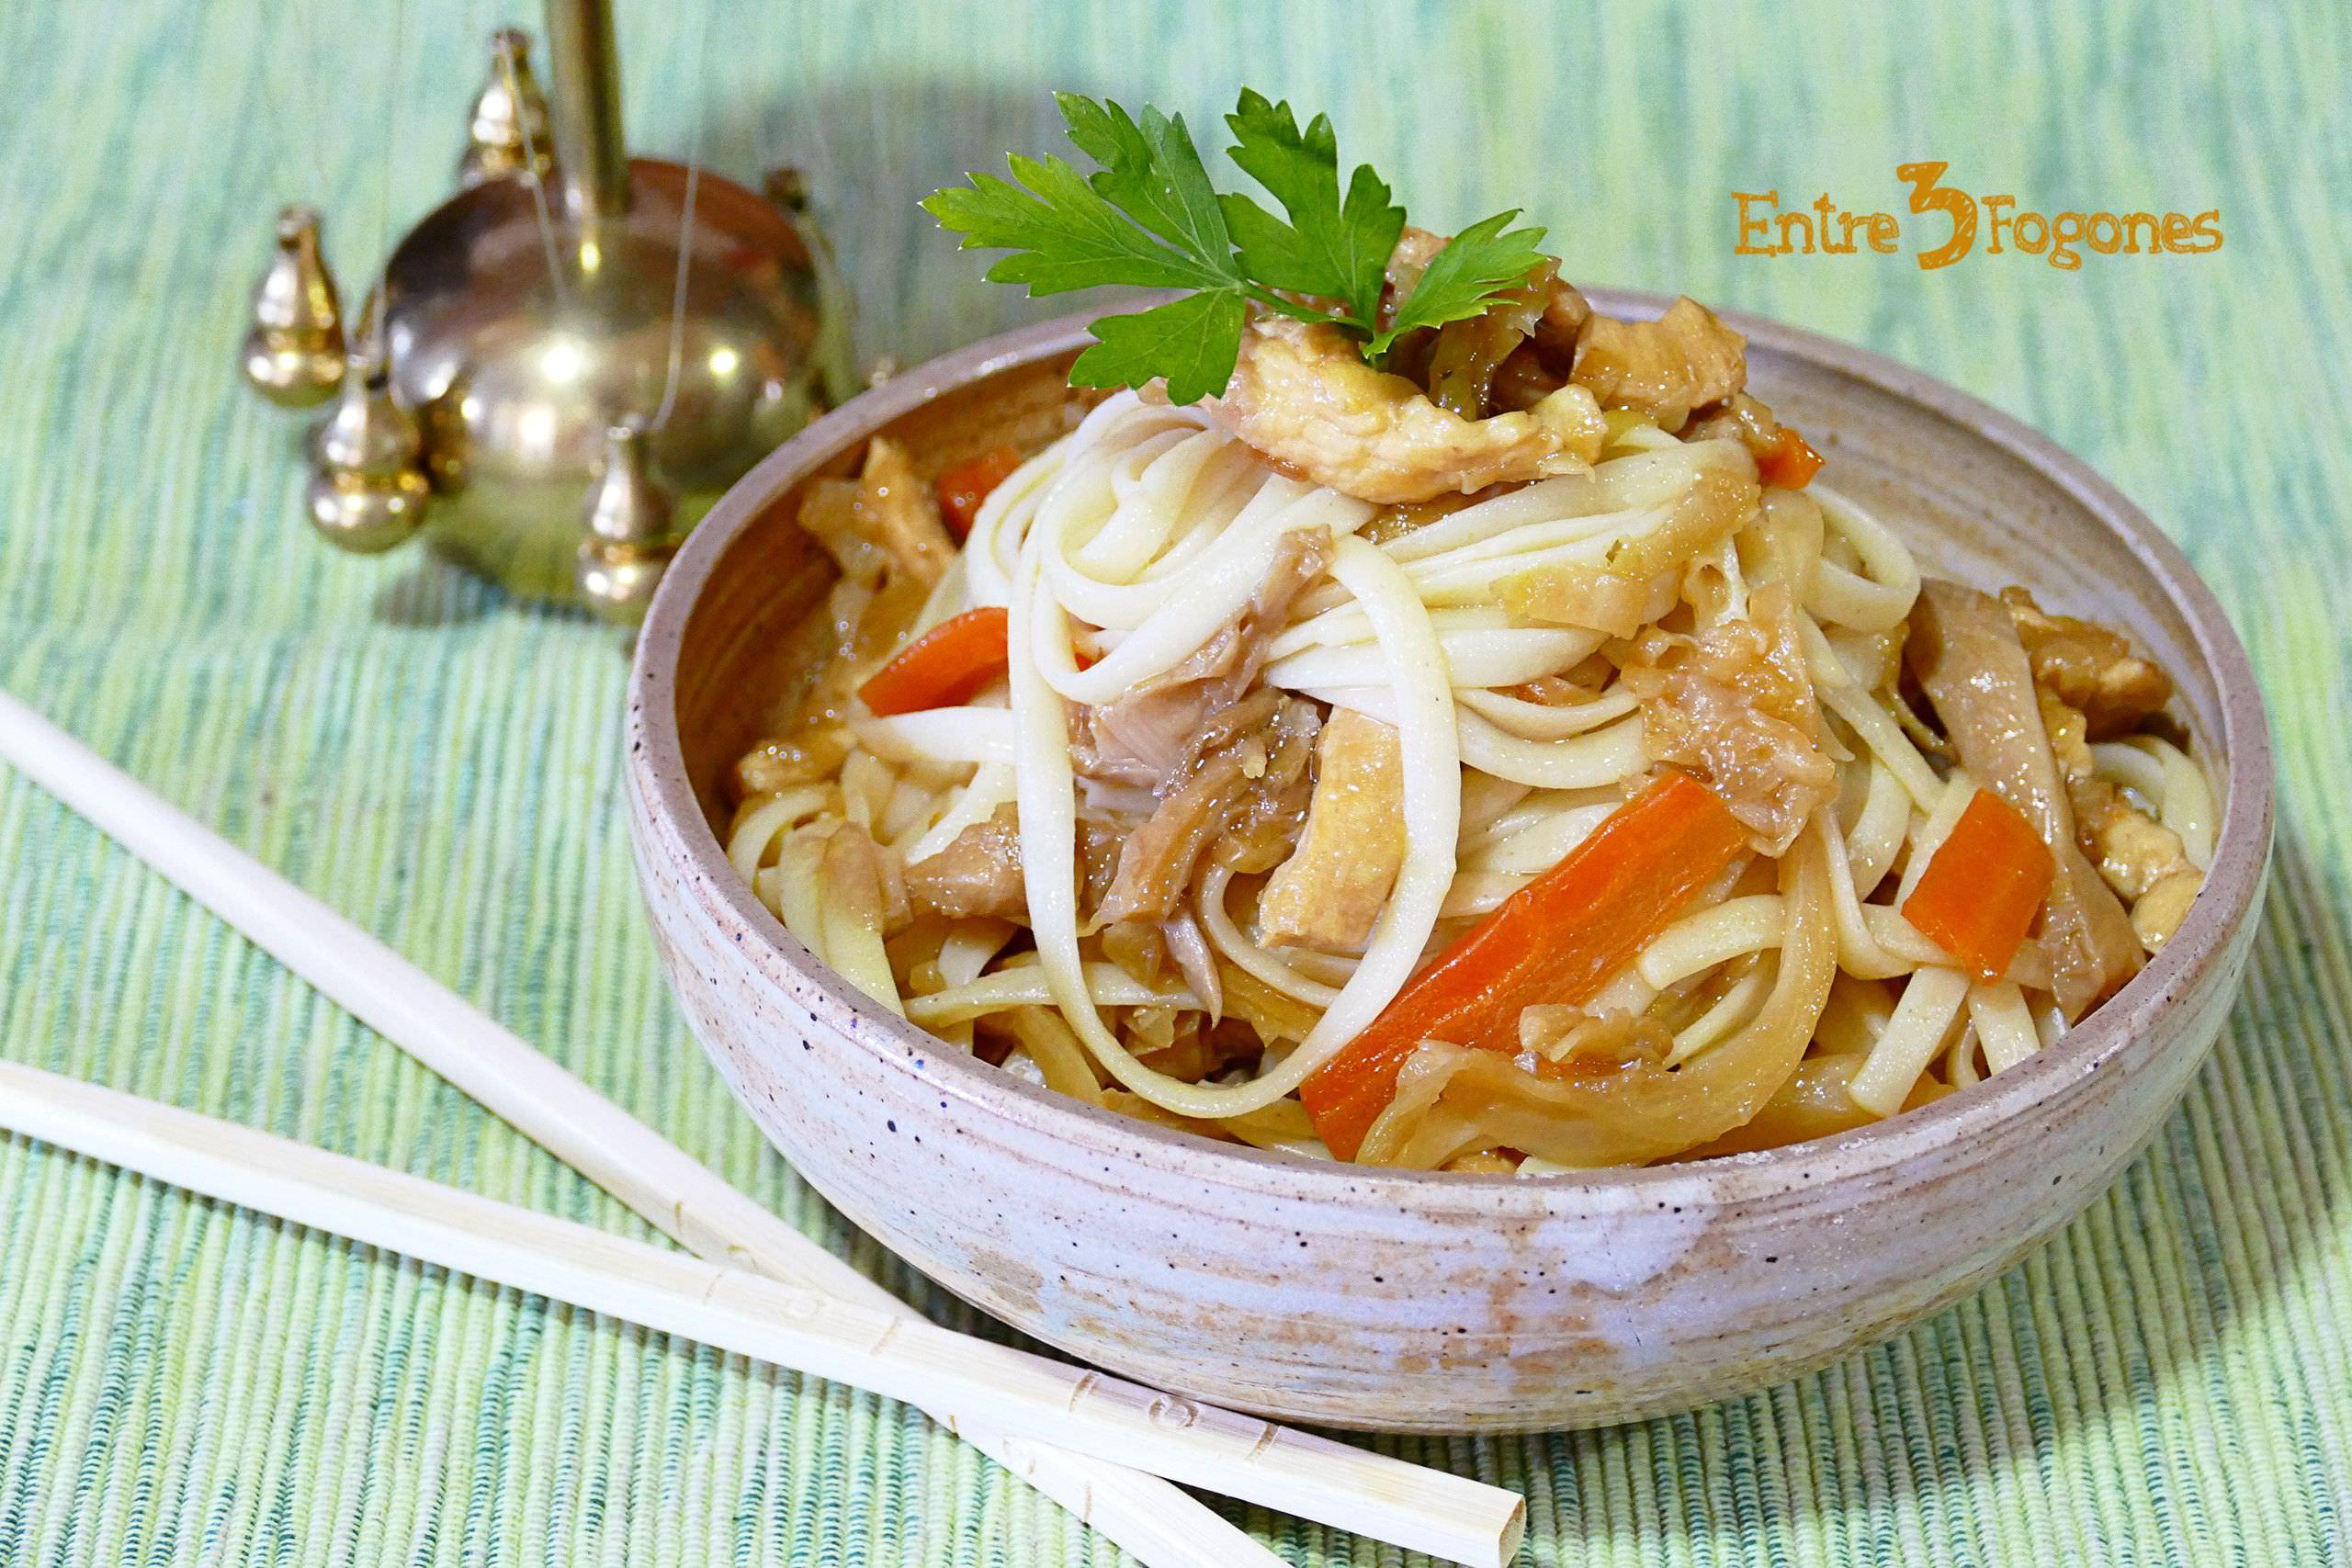 Receta Tallarines Chinos con Pollo y Verdura